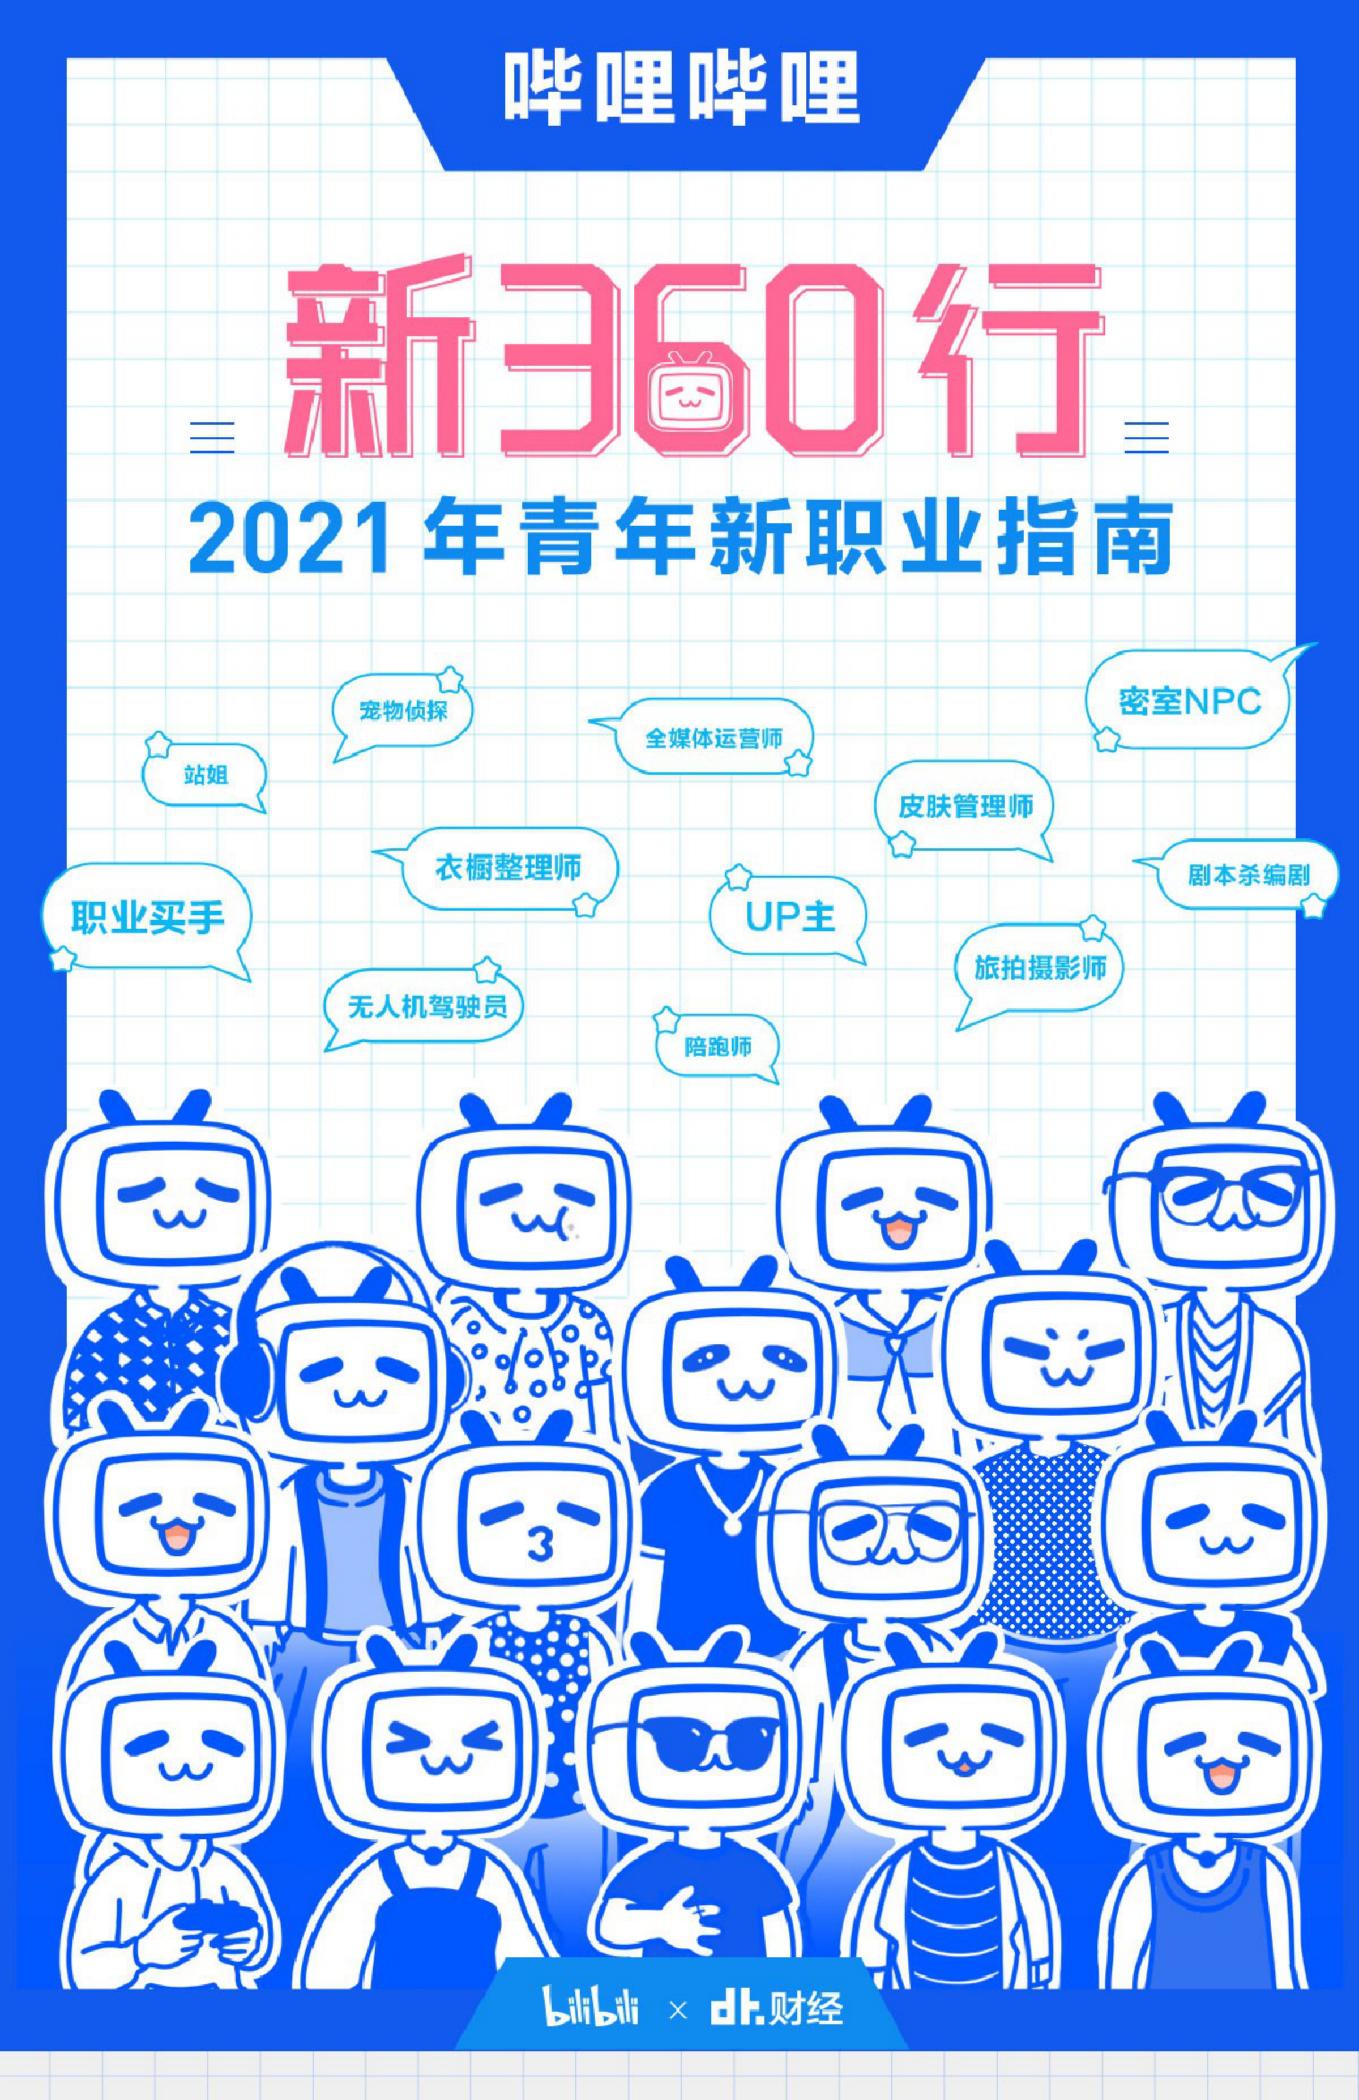 新360行:2021青年新职业指南